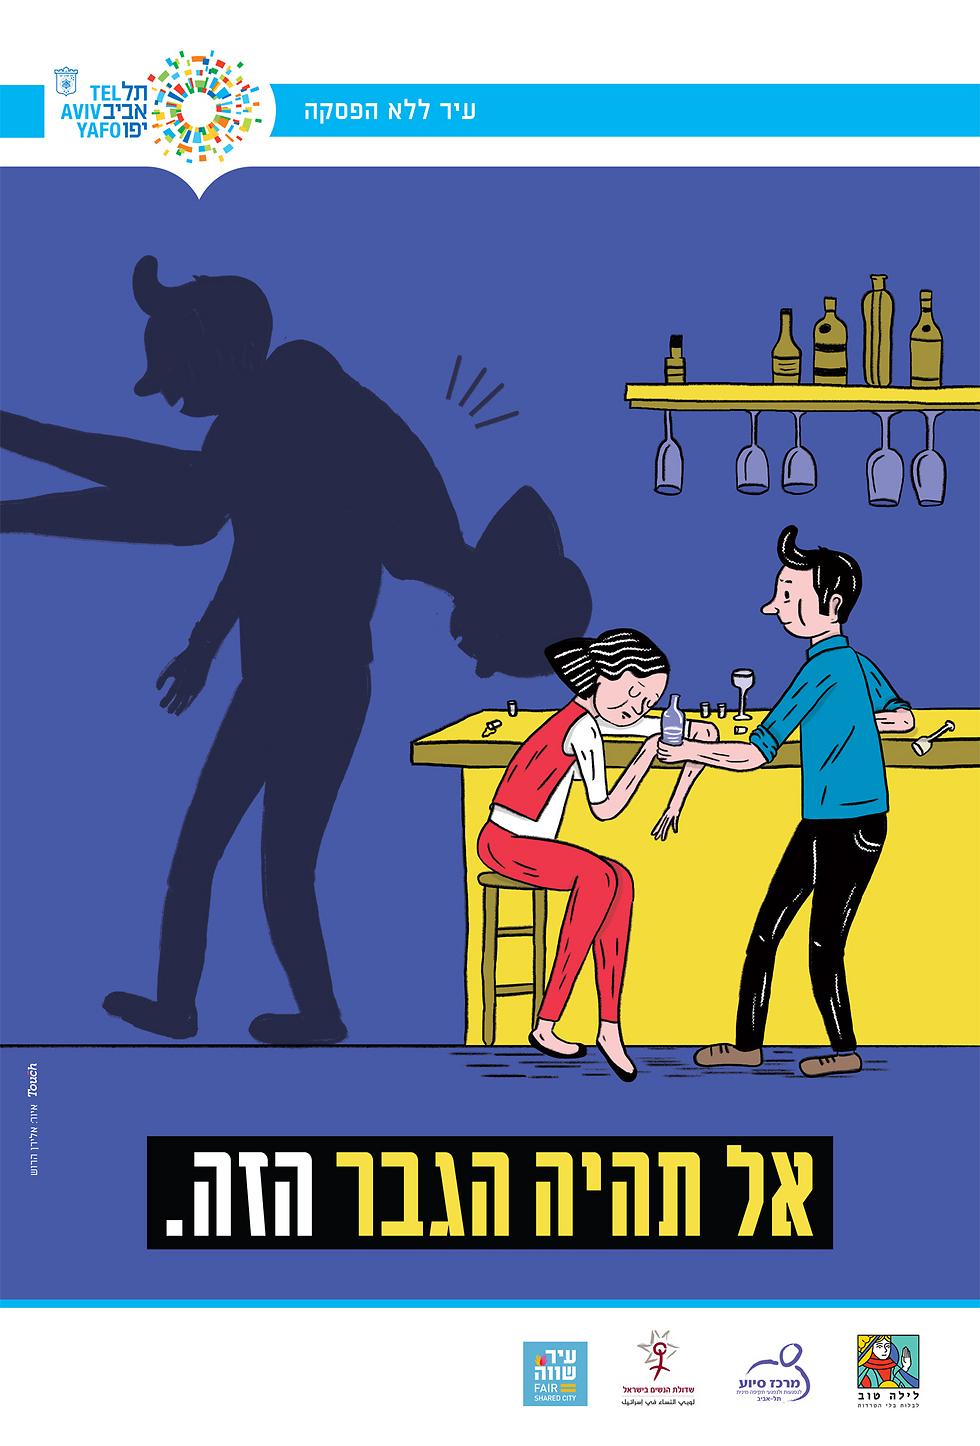 קמפיין של עיריית תל אביב (איור: אלירן הרוש, סטודיו טאצ') (איור: אלירן הרוש, סטודיו טאצ')